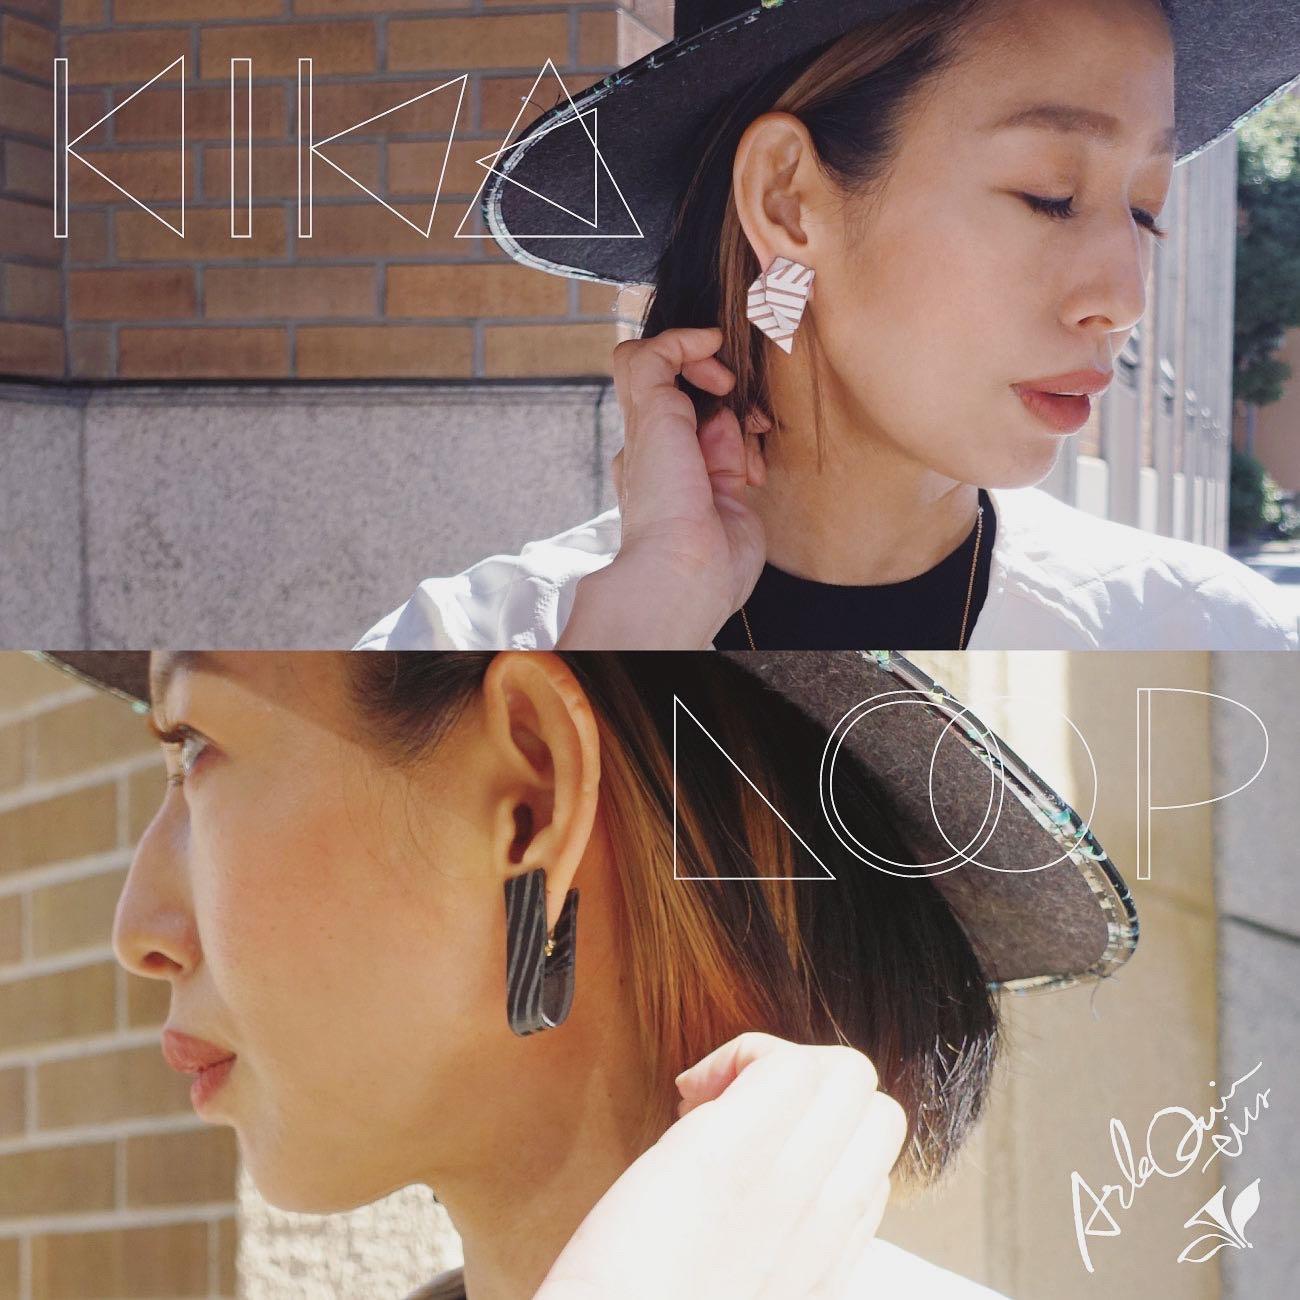 kika_loop2